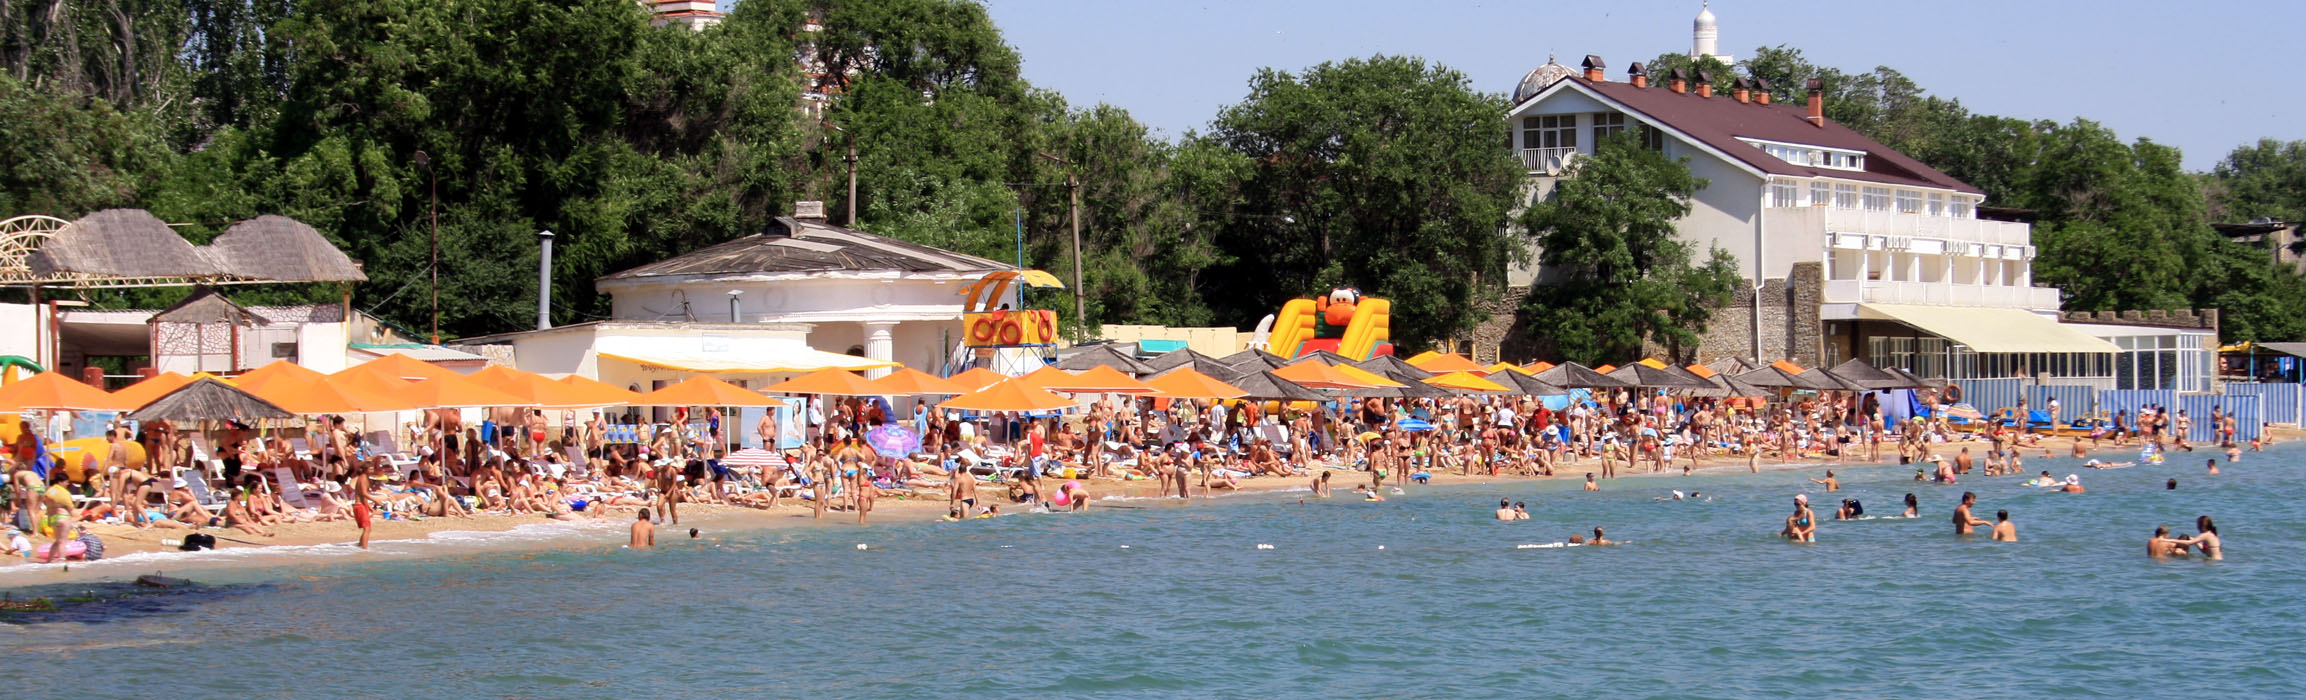 Пляж 1-й городской - Феодосия.